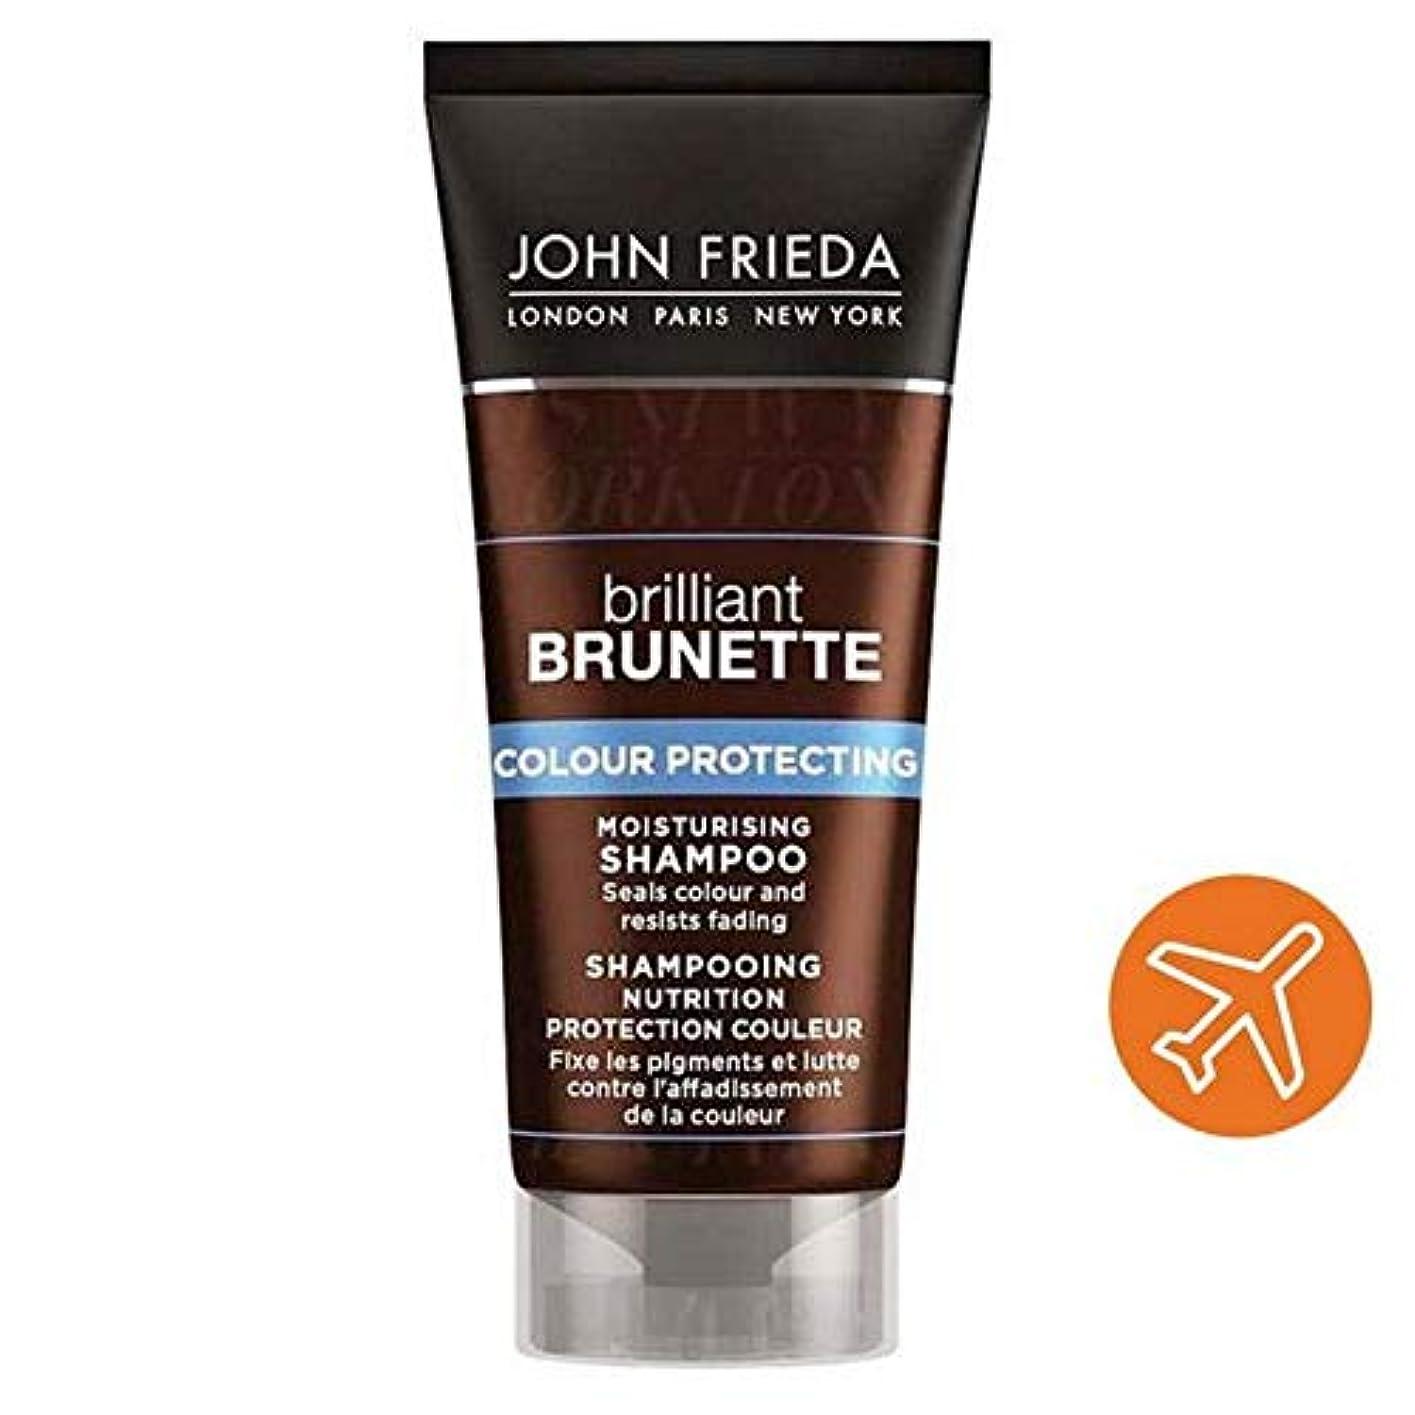 実行する形共和党[John Frieda ] シャンプー50ミリリットルを明らかにジョン?フリーダ華麗なブルネットの豊富な輝きマルチトーン - John Frieda Brilliant Brunette Rich Radiance Multi-tone Revealing Shampoo 50ml [並行輸入品]